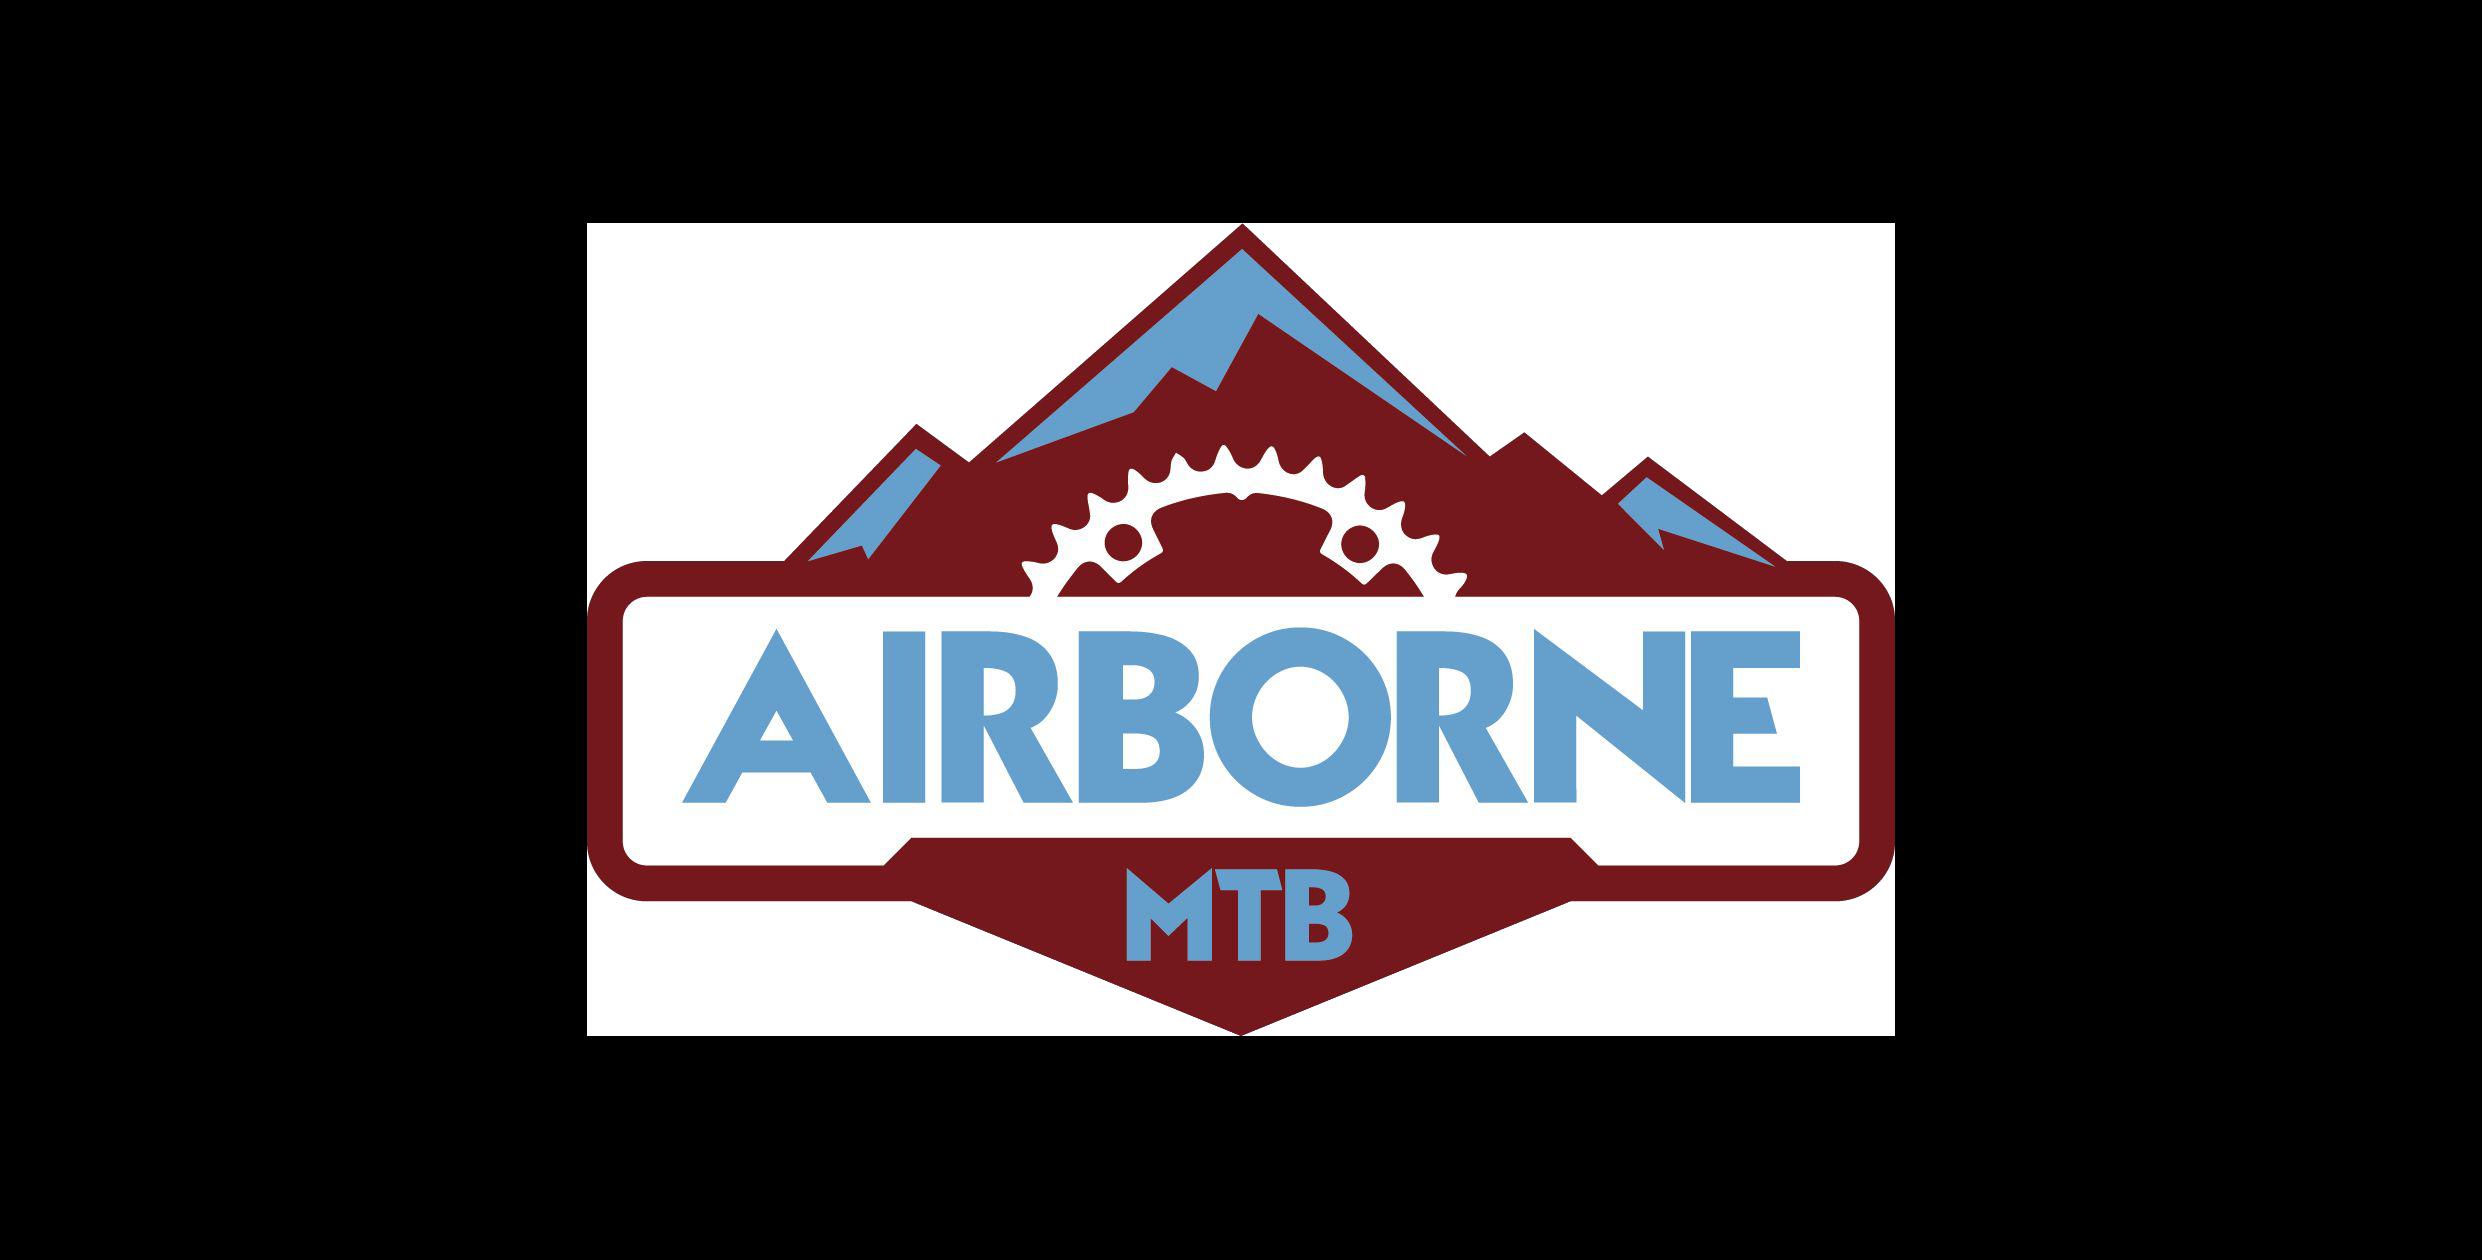 AirborneMTB